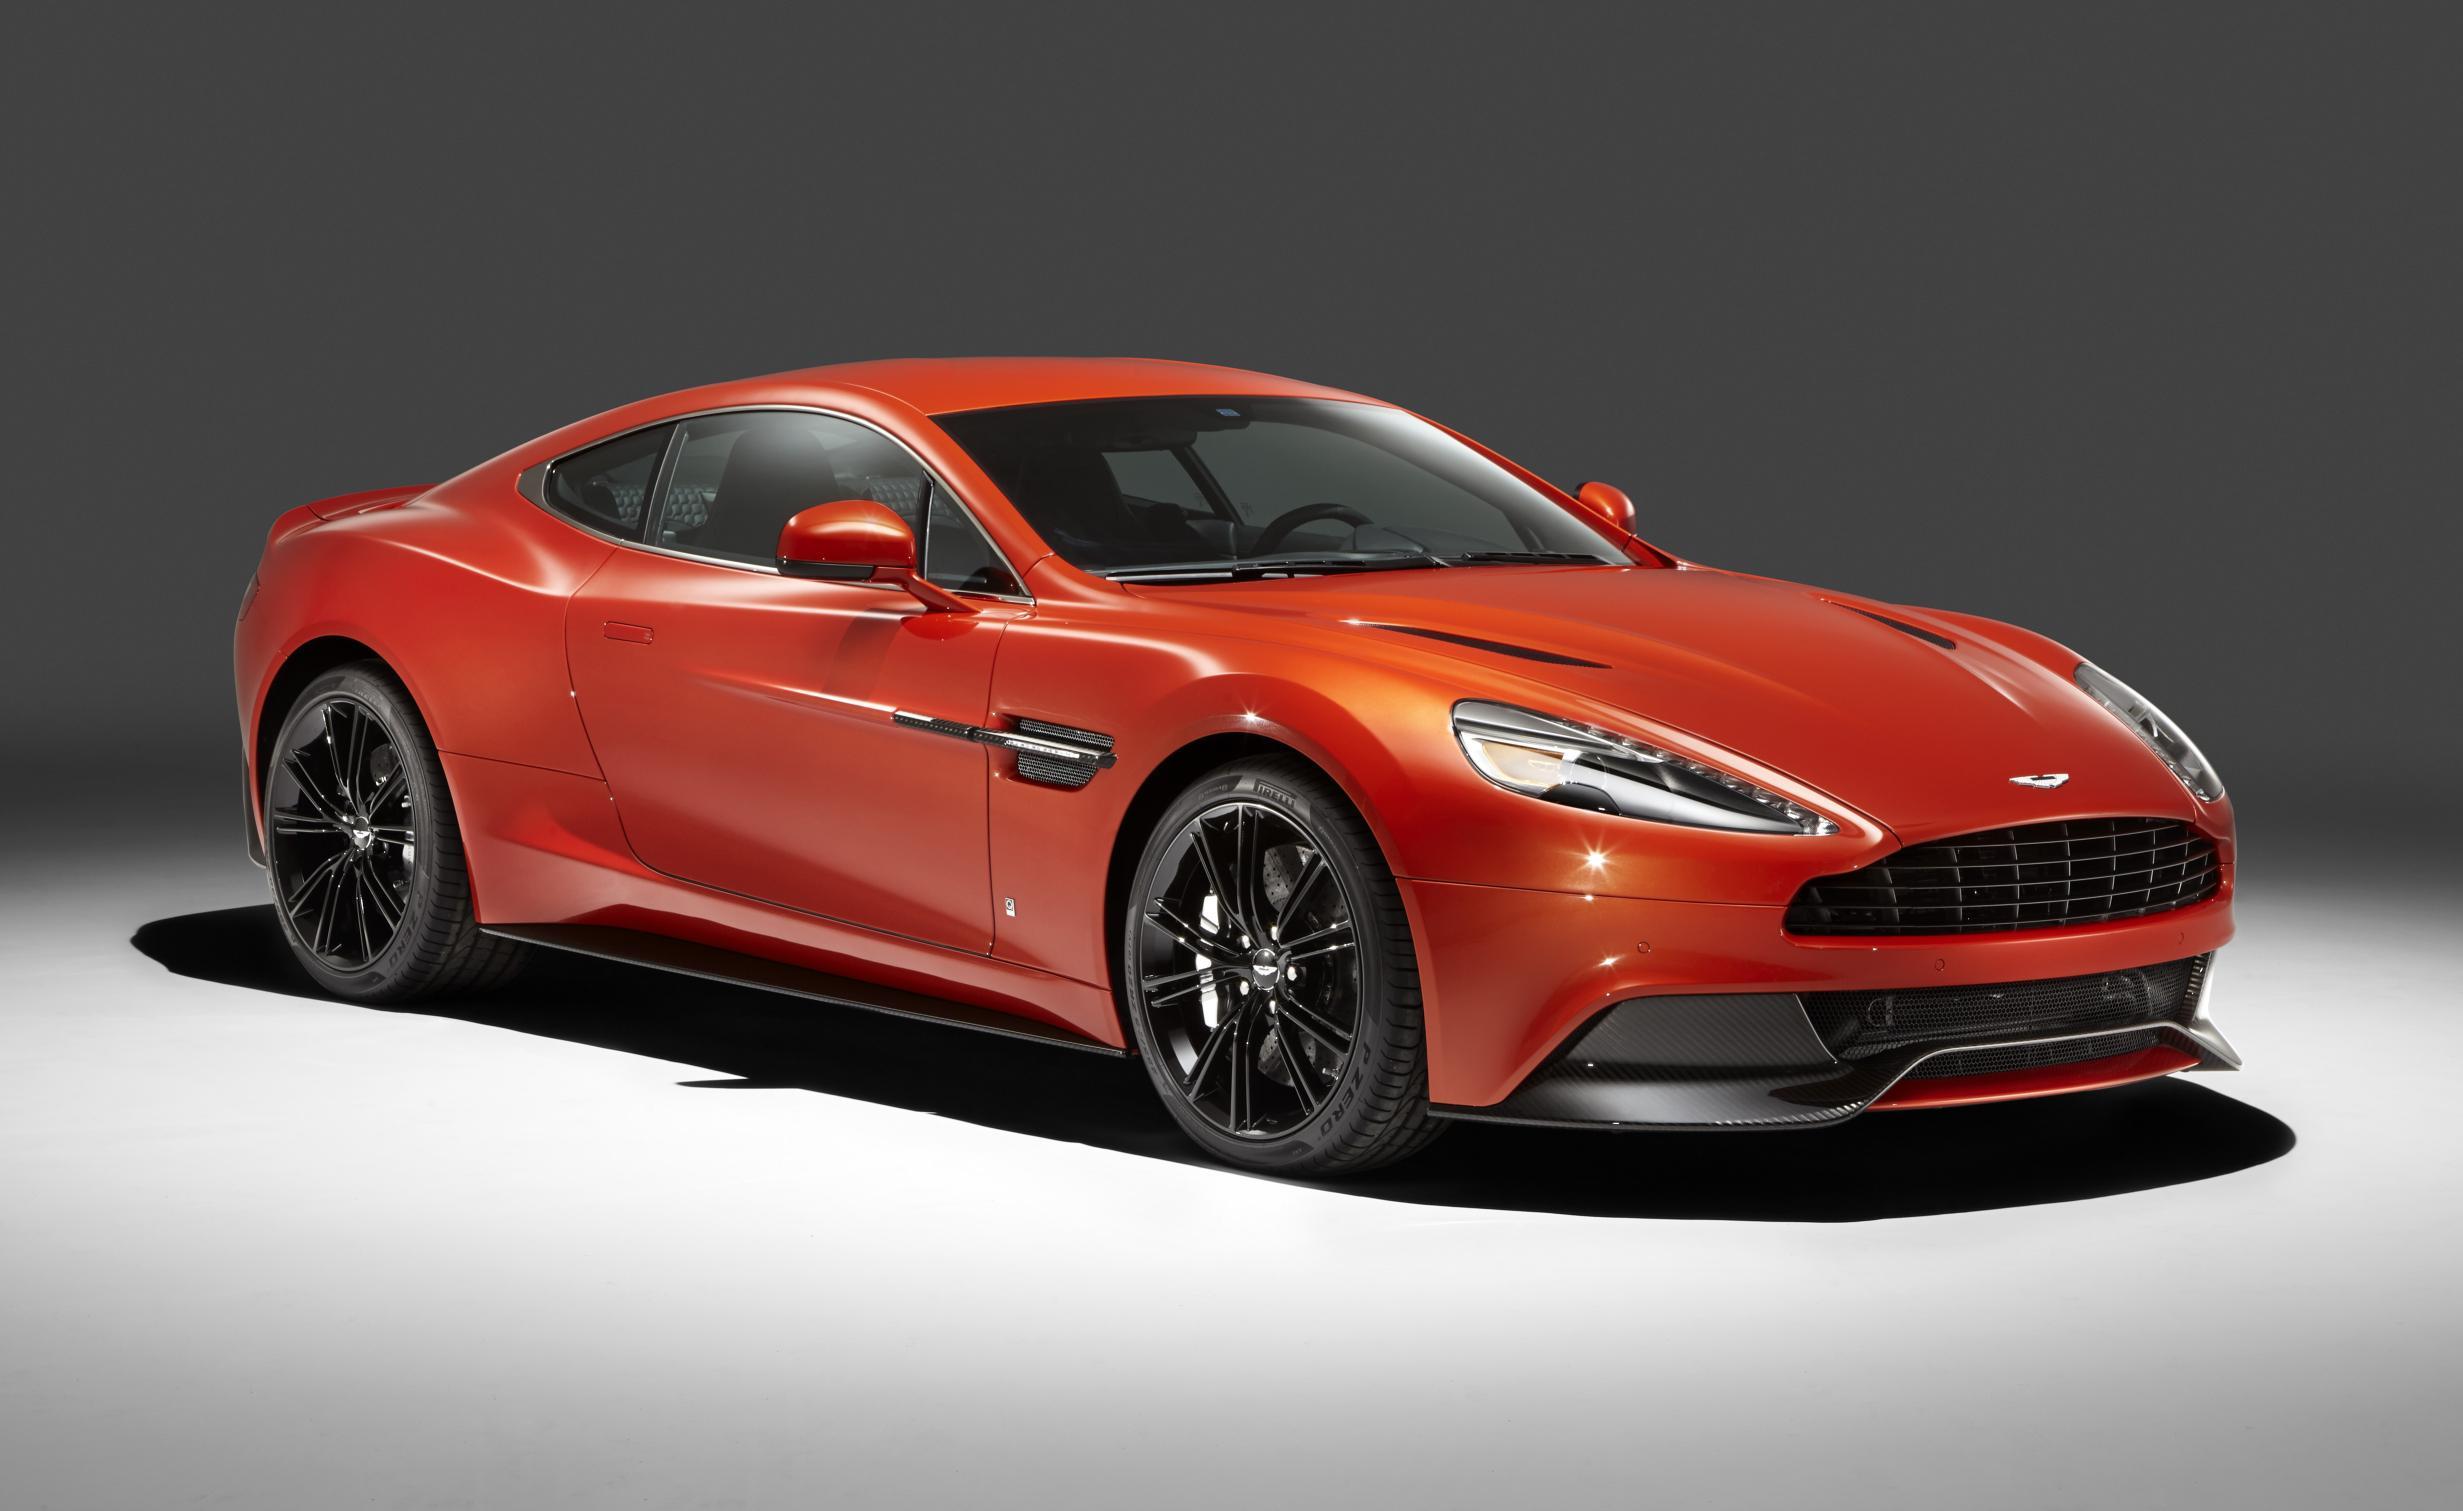 British Car James Bond Drives